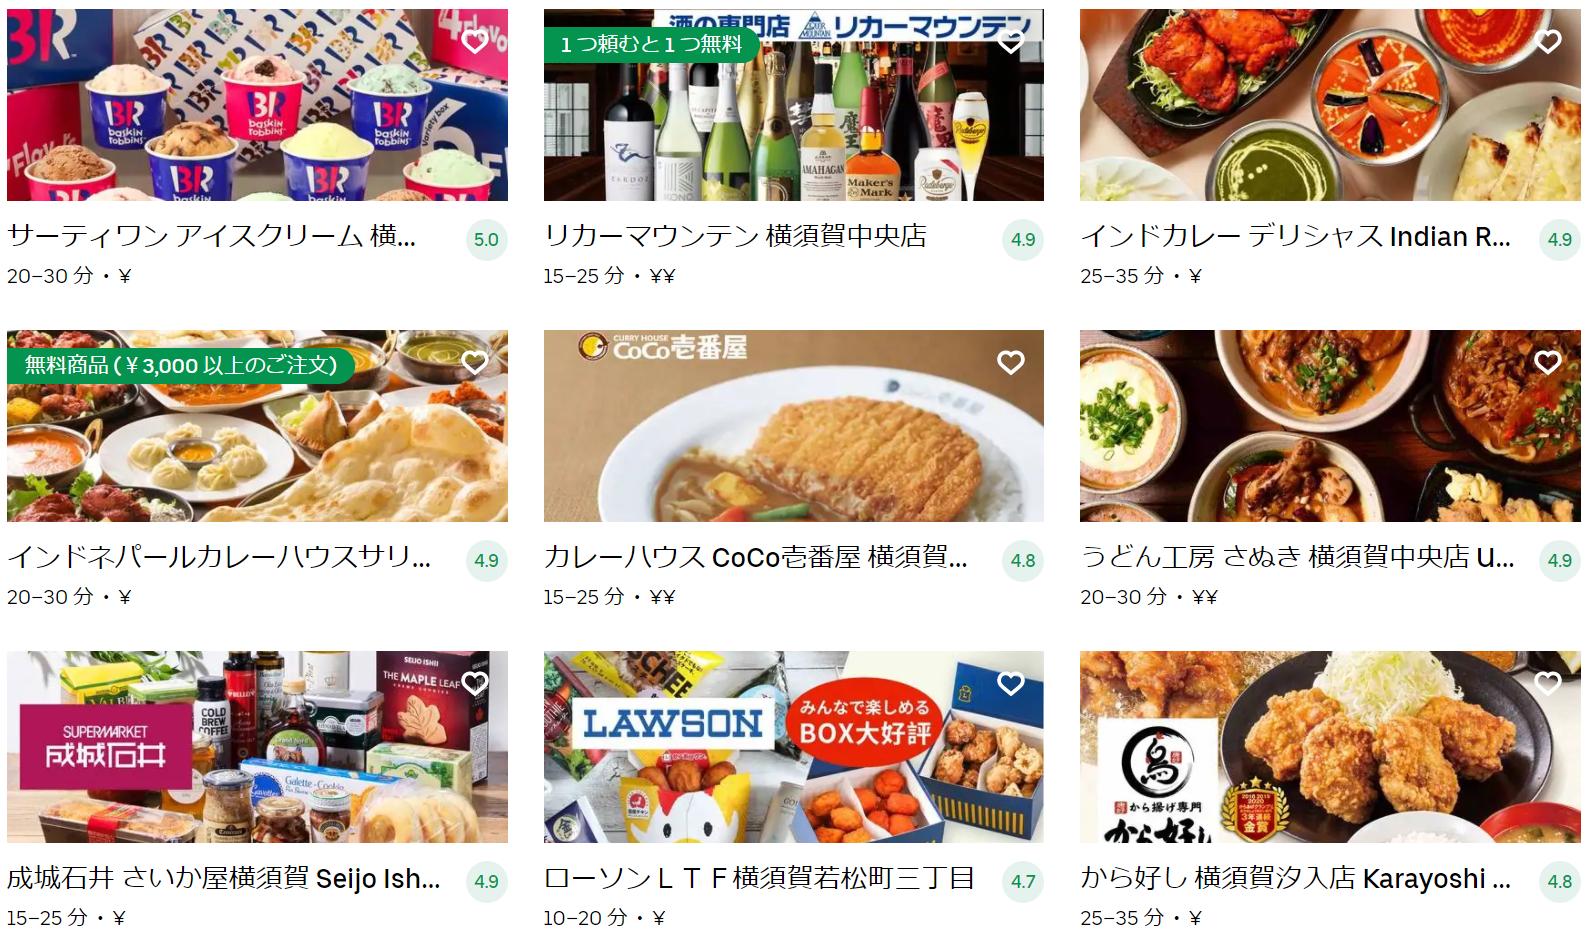 横須賀市エリアのおすすめUber Eats(ウーバーイーツ)メニュー